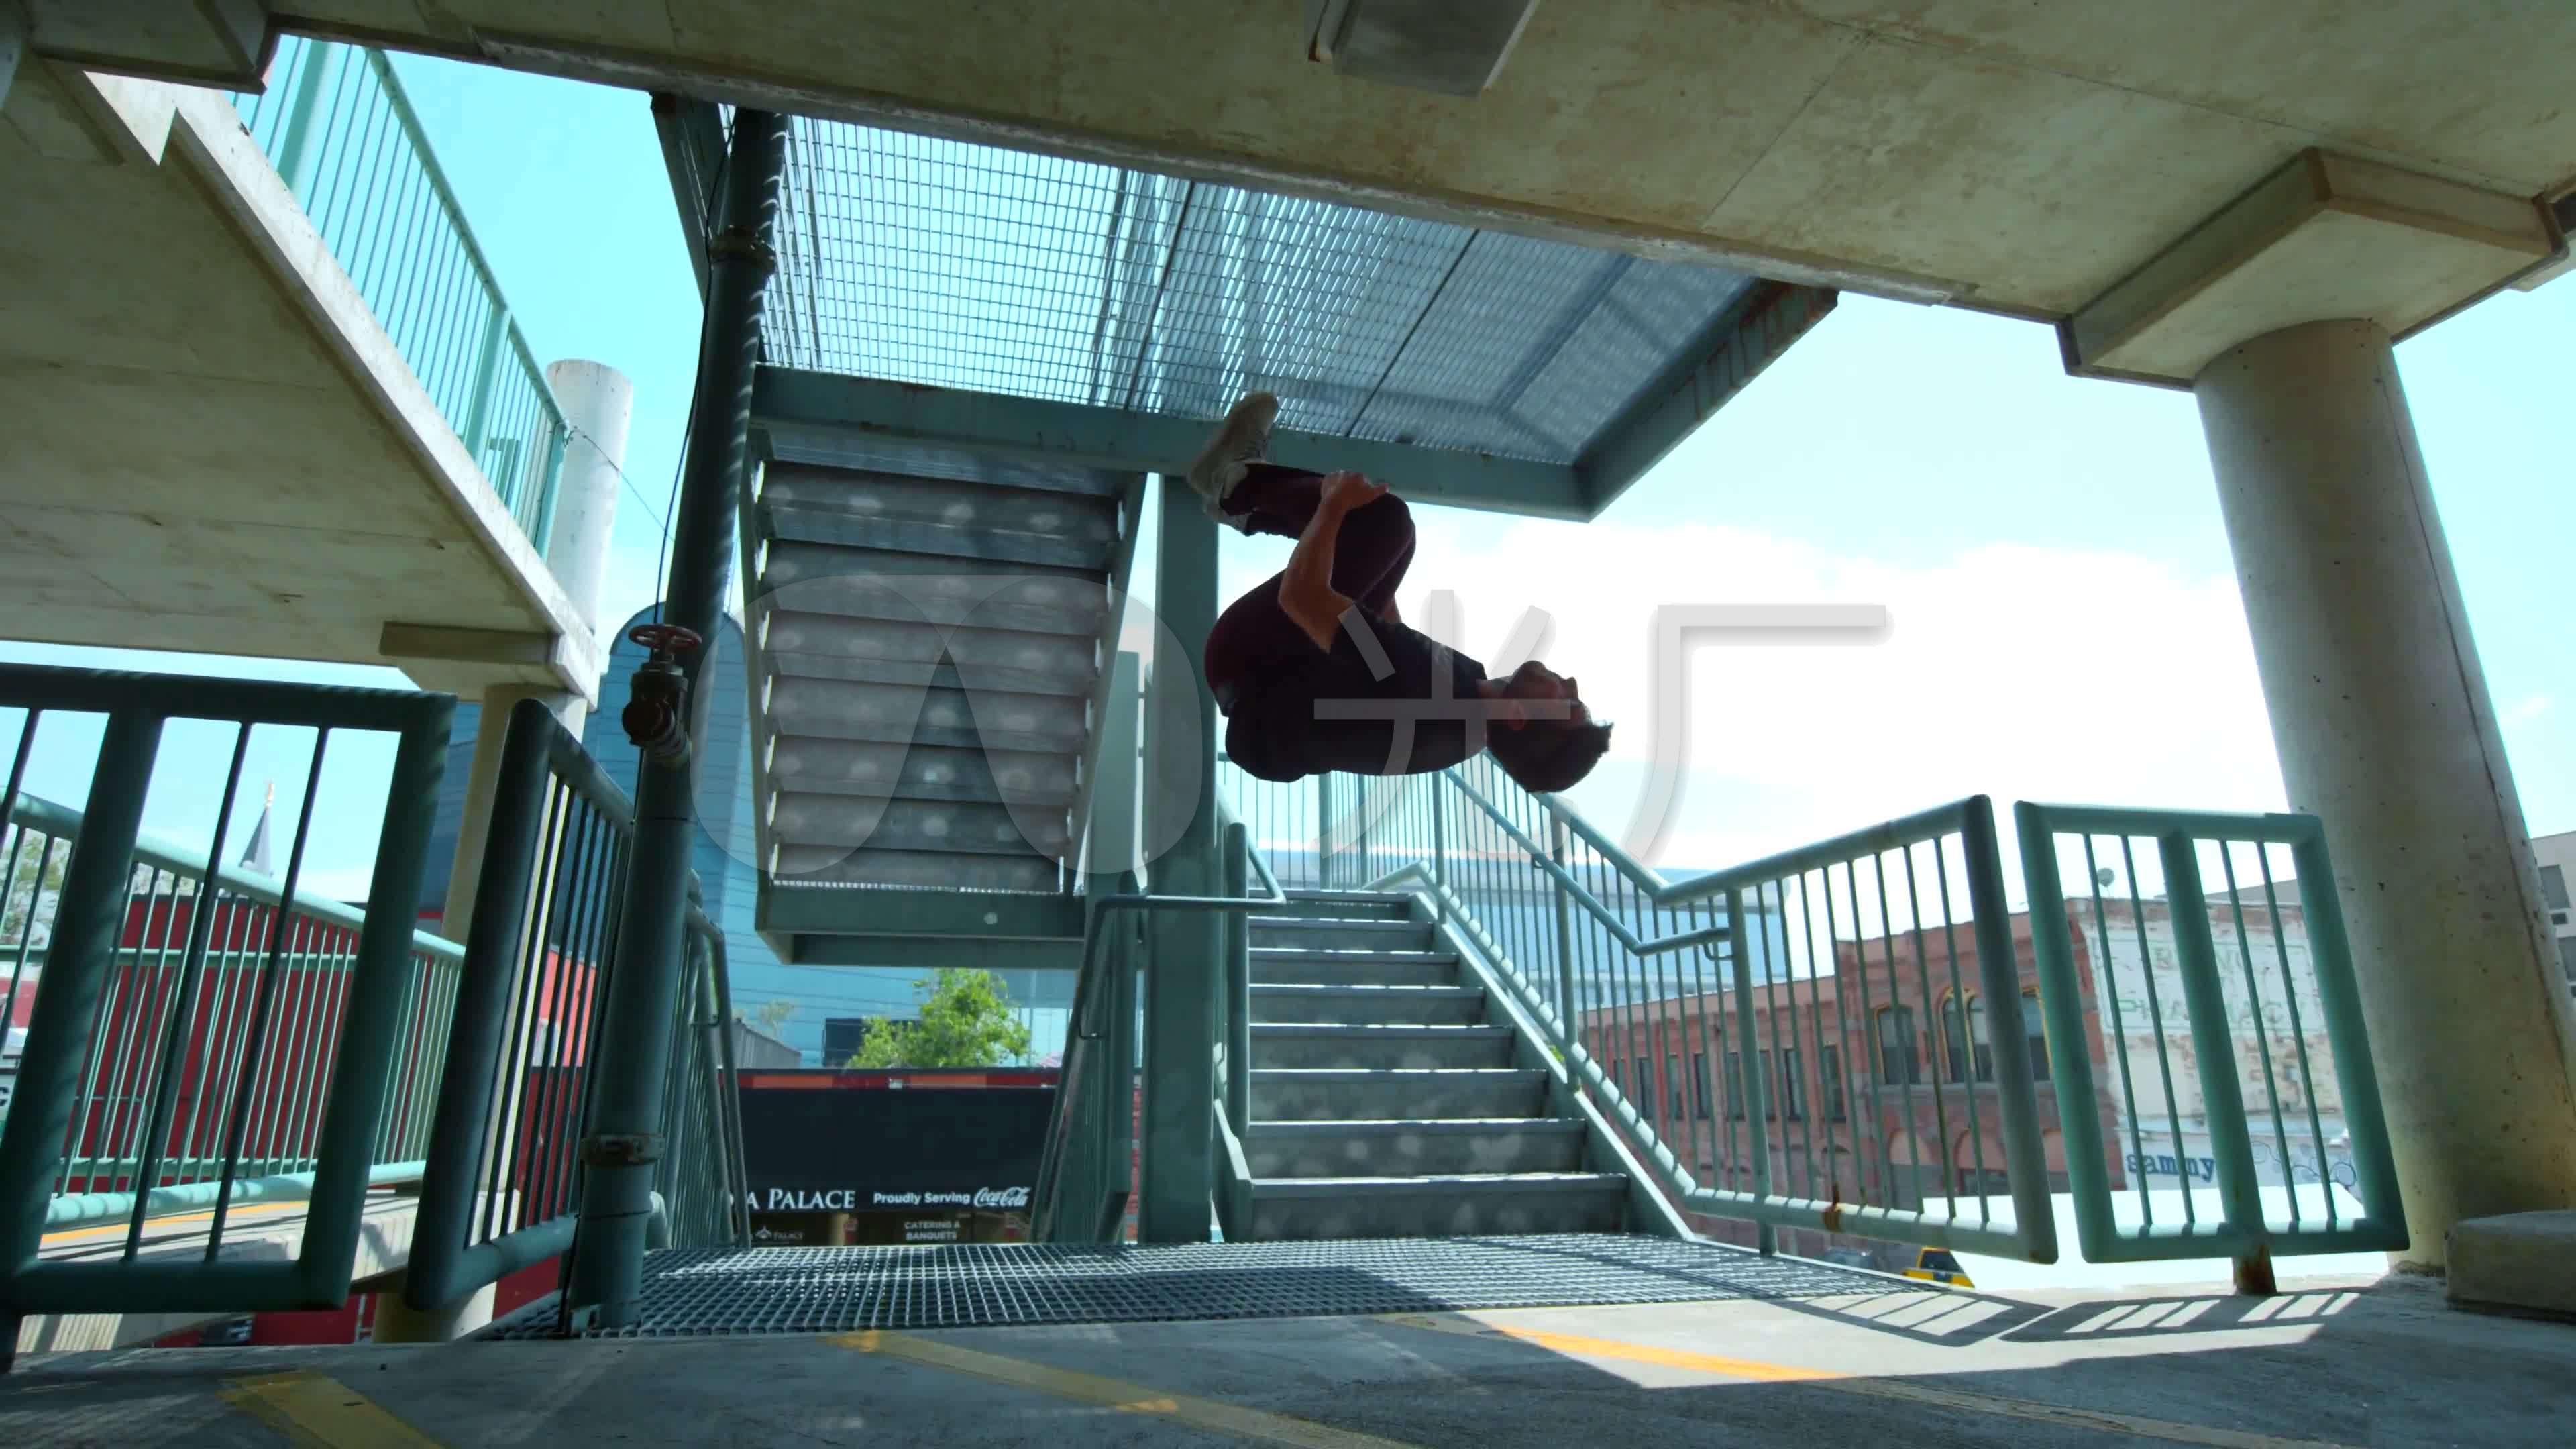 4k极限运动跑酷视频摩托车高速v视频_3840X2滑板教程探小图片